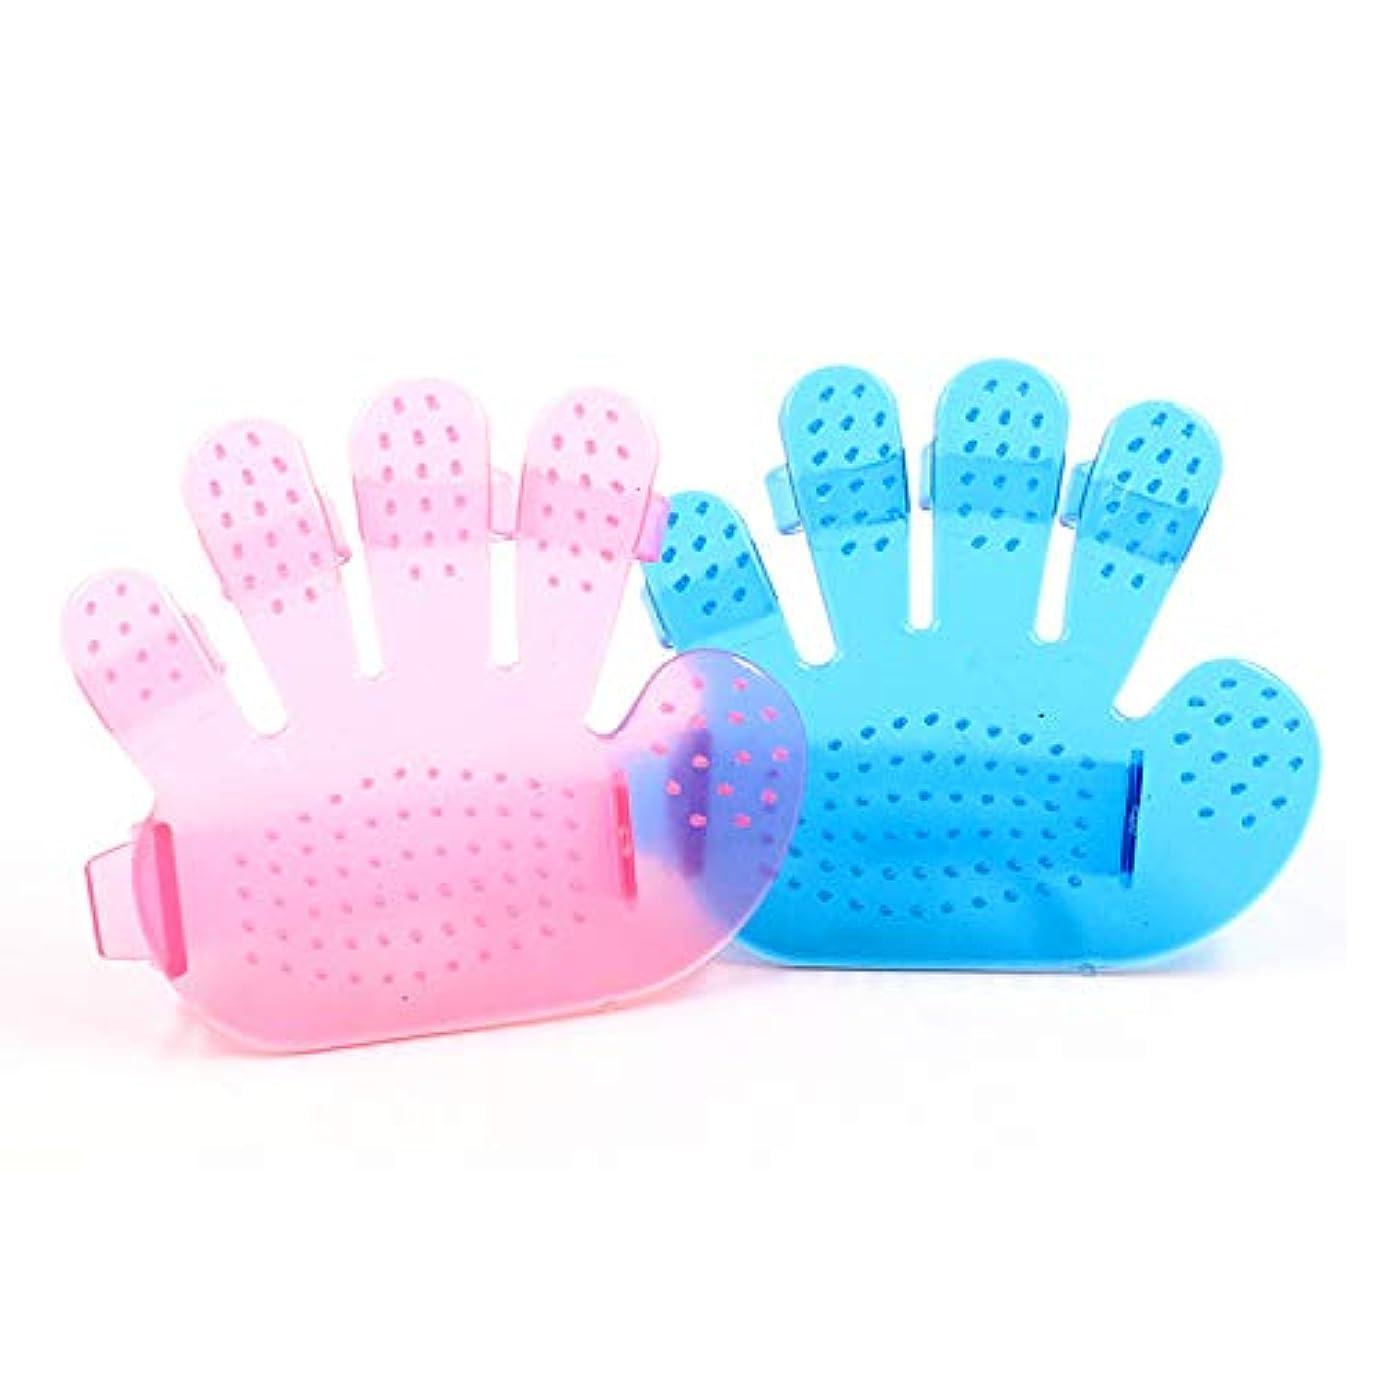 ピンチお金パターンBTXXYJP ペット ブラシ 手袋 猫 ブラシ グローブ クリーナー 耐摩耗 抜け毛取り マッサージブラシ 犬 グローブ 10個 (Color : Pink, Size : M-Ten)